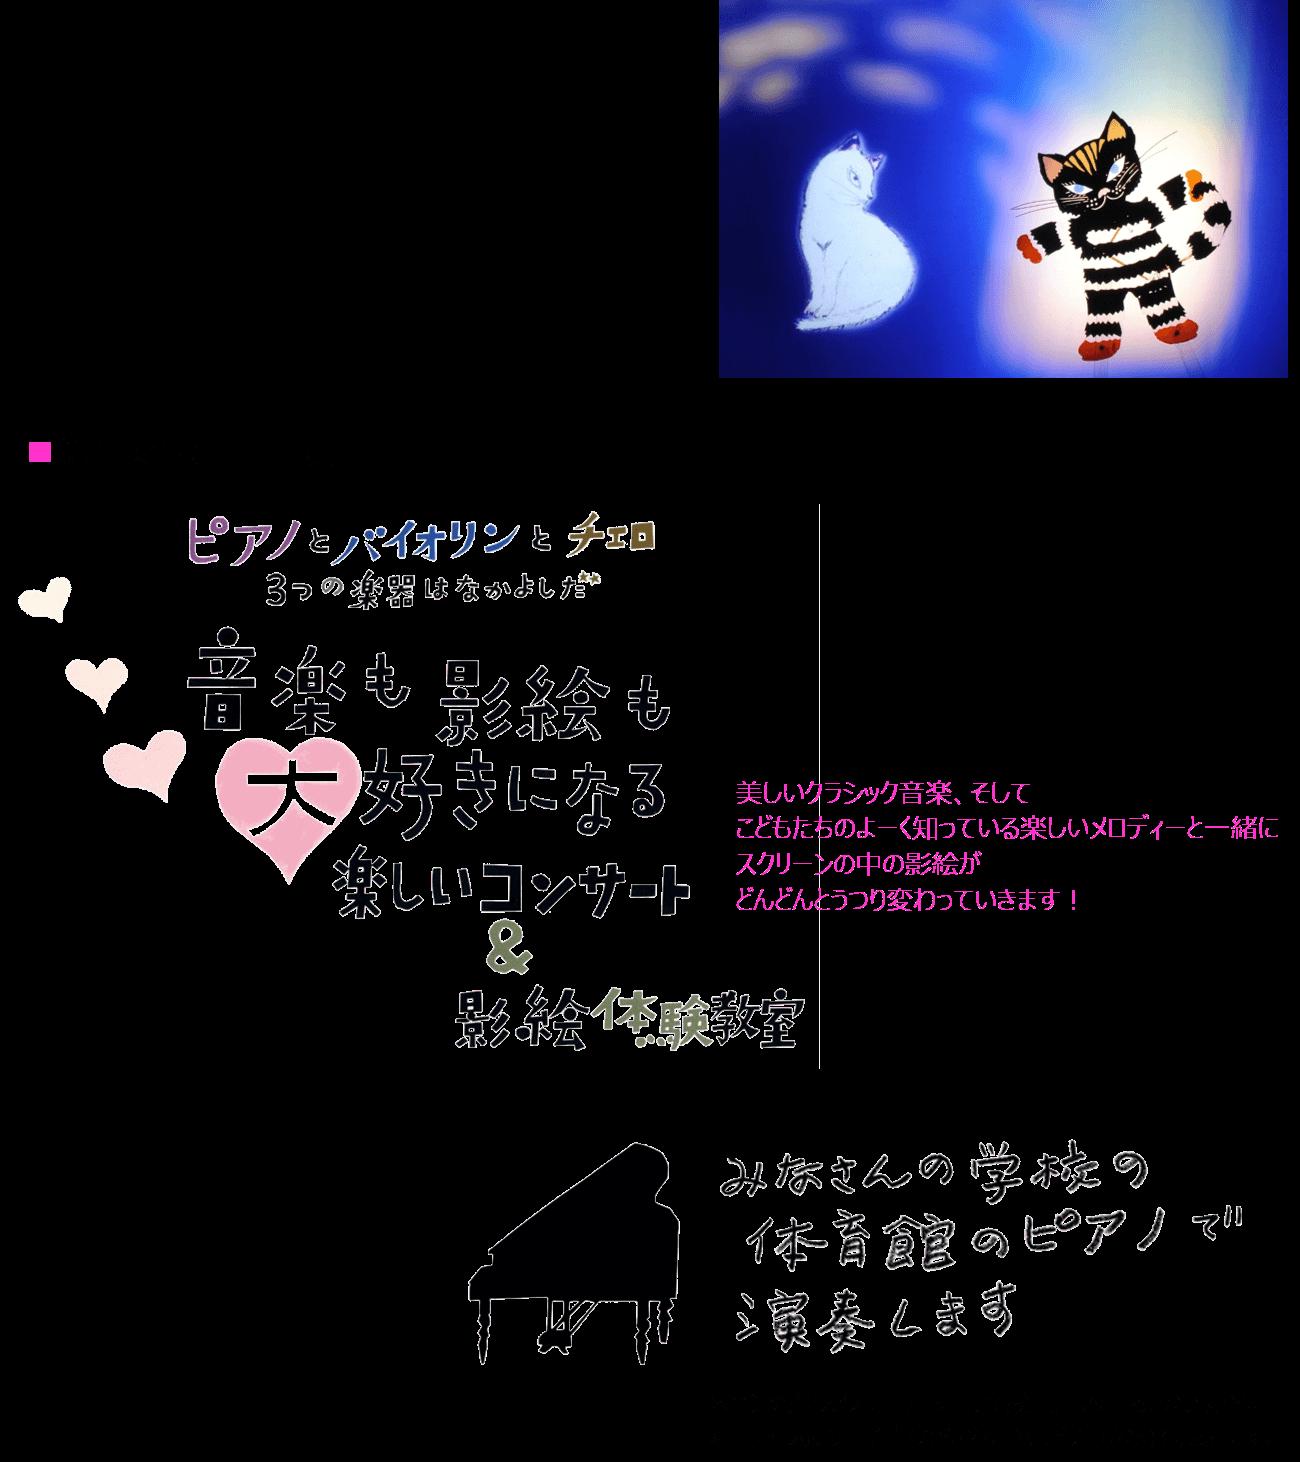 音楽鑑賞教室 100万回生きたねこ 学校 生演奏 3 (1)